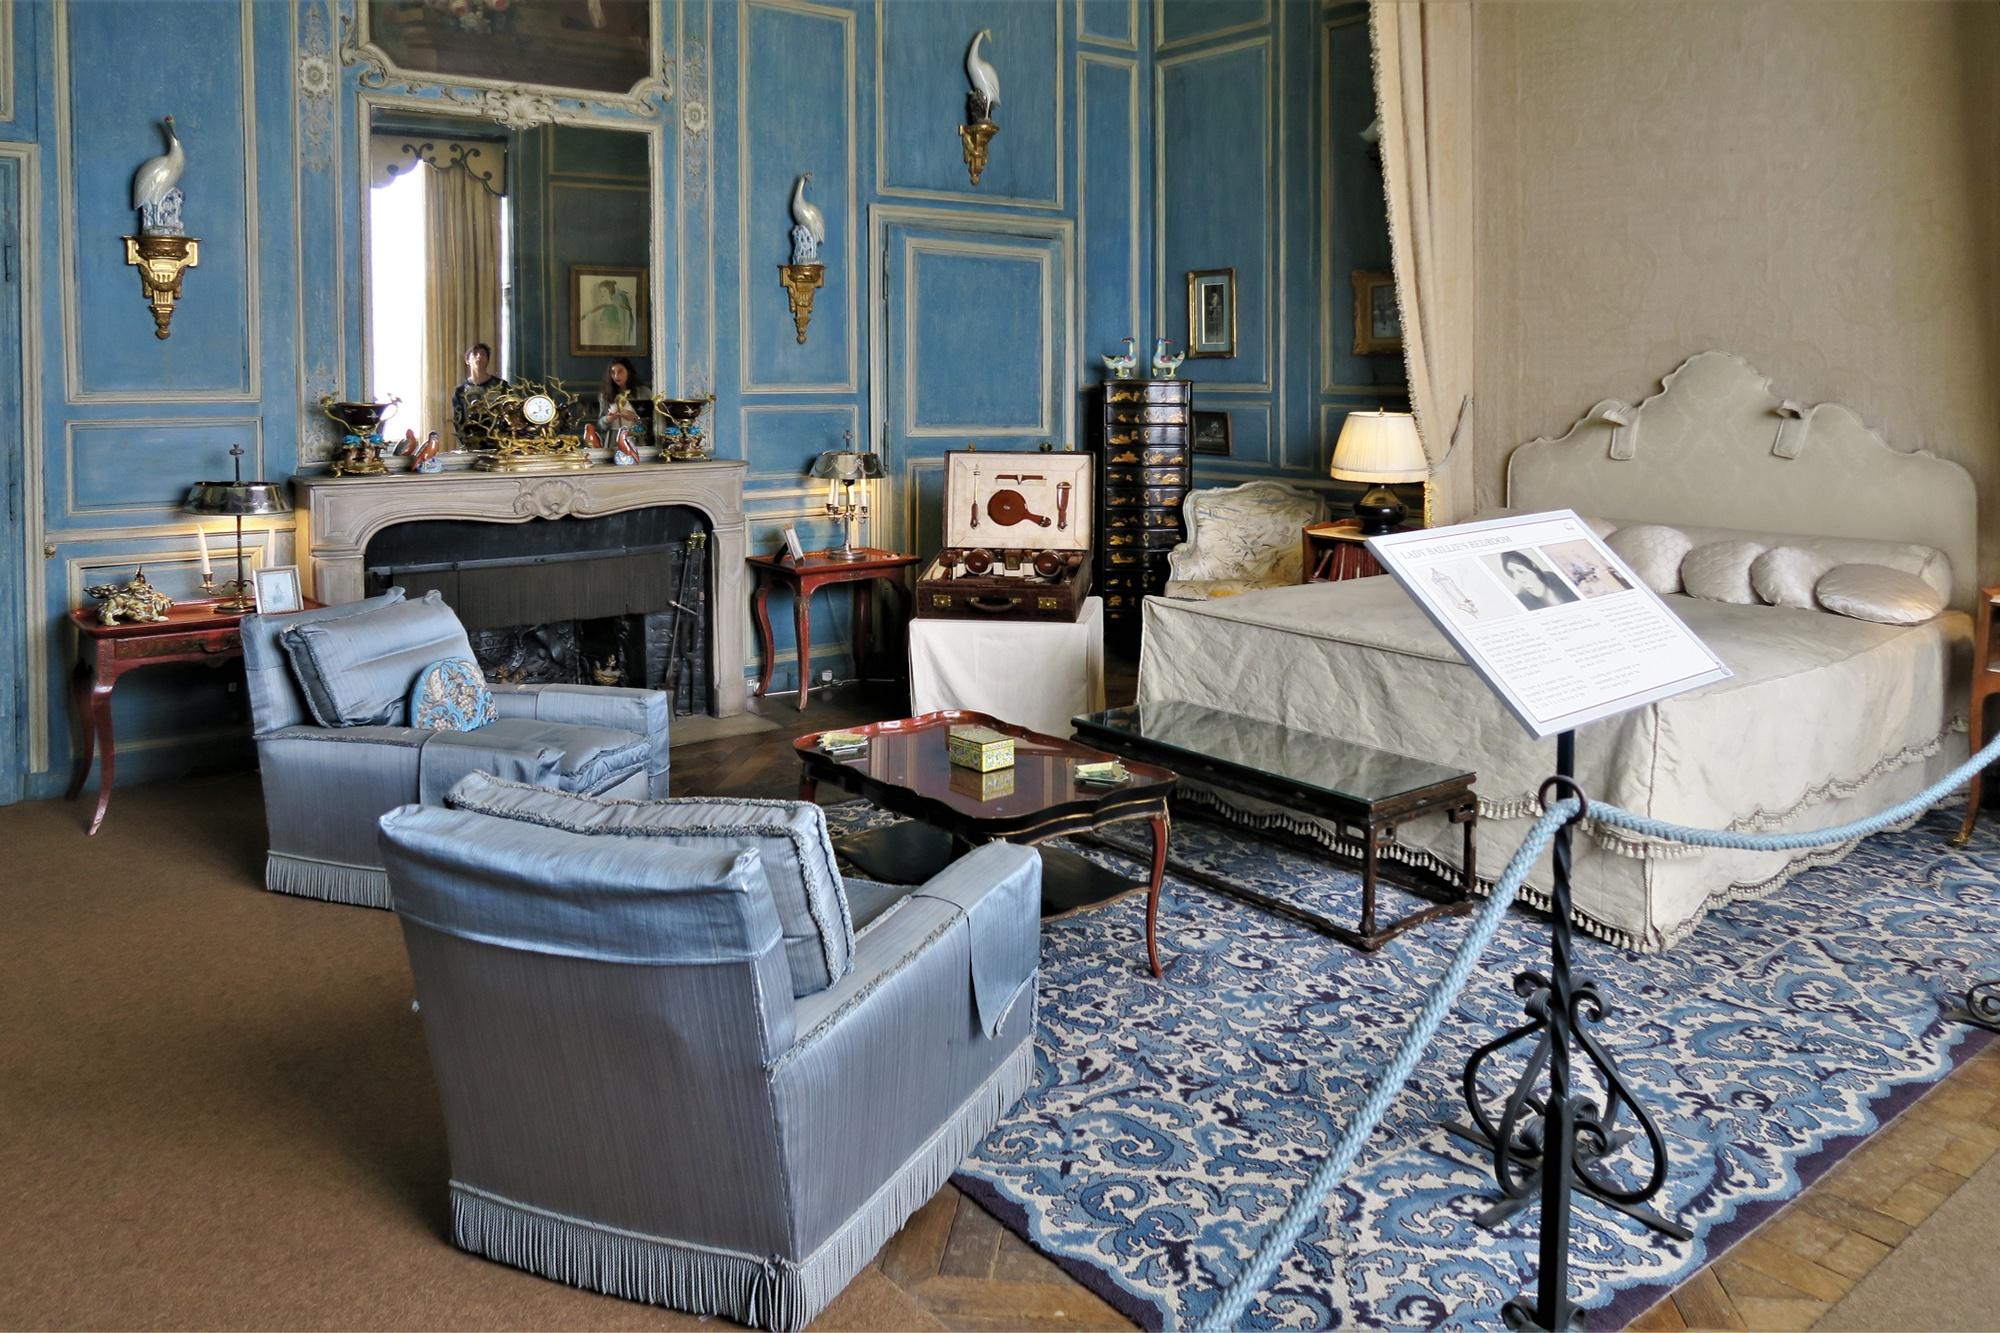 La Chambre de Lady Baillie, aménagée en 1936 par le décorateur Français Stéphane Boudin, dans le style Régence (début XVIII)